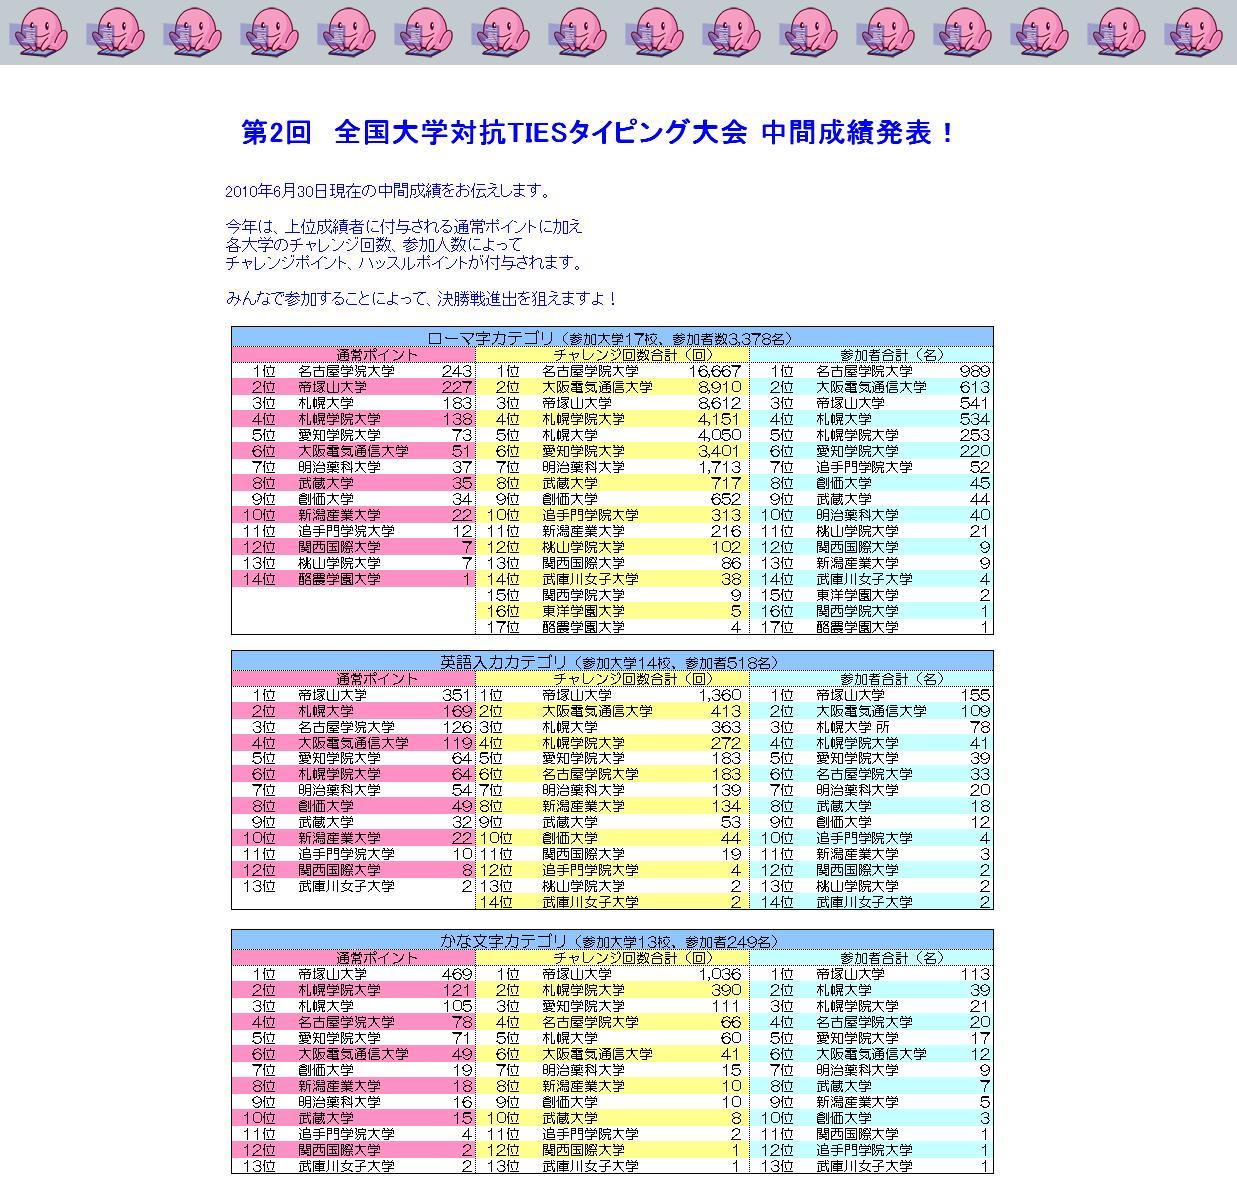 2010年度TIESタイピング中間成績.JPG